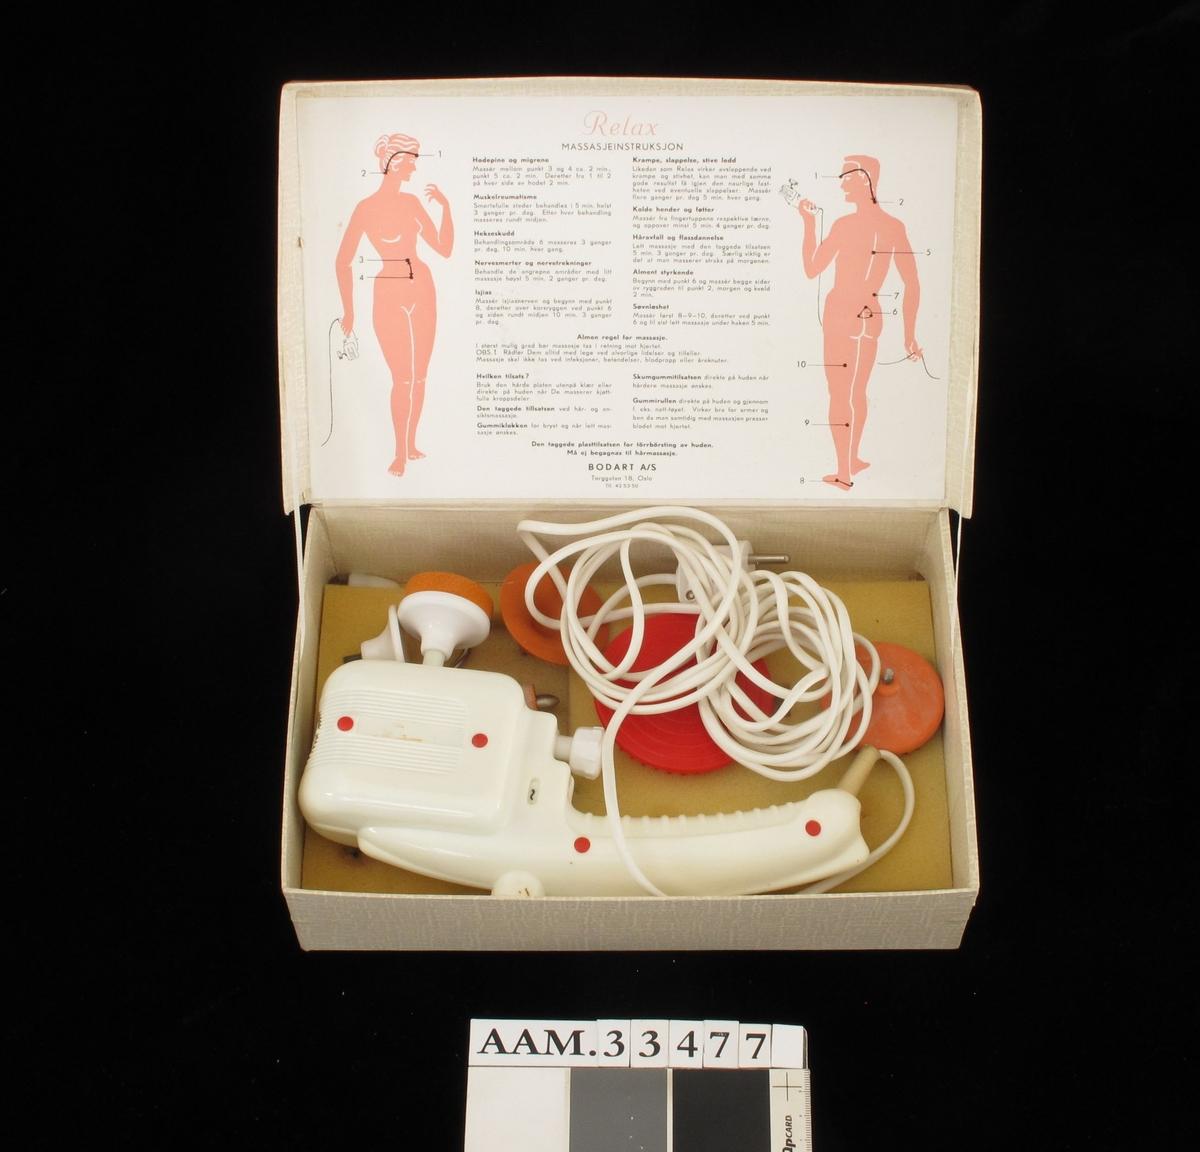 Eske med elektrisk massageapparat. Apparat i gulhvit plast. I alt 5 ulike redskaper.  Lokkets innside med bruksanvisning.